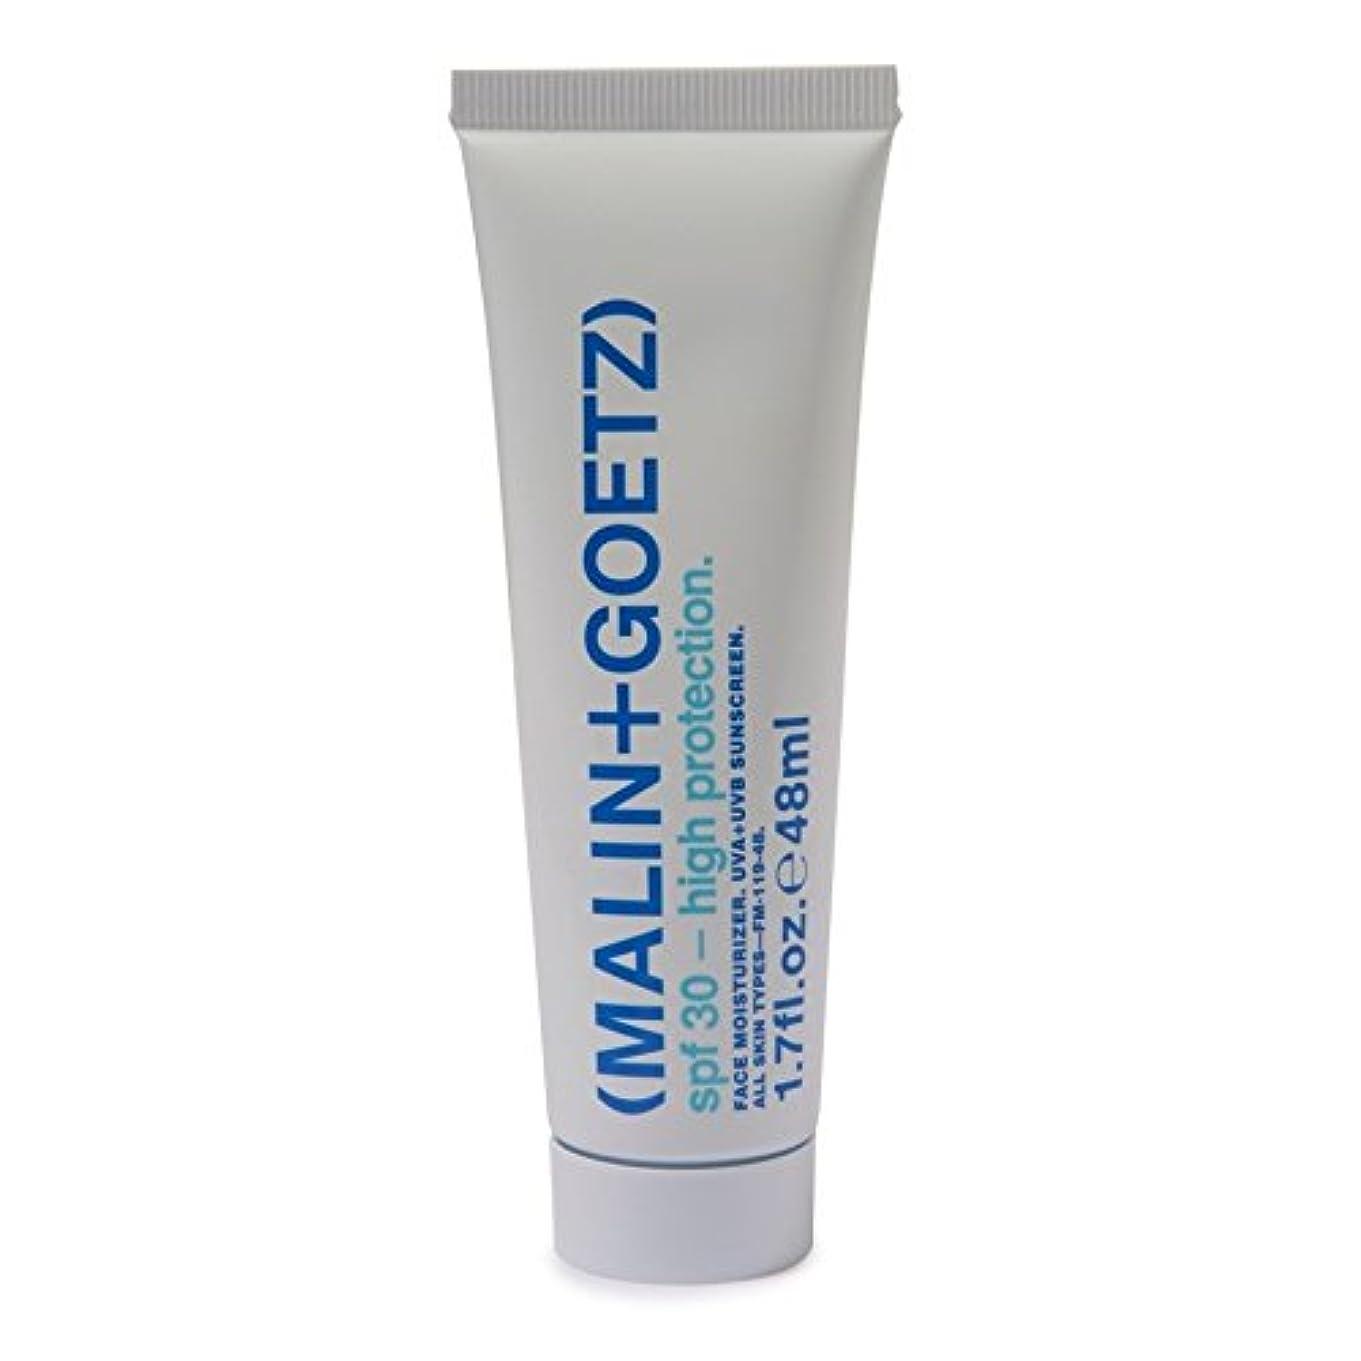 ラグバイオリン採用マリン+ゲッツ顔の保湿剤の 30 48ミリリットル x2 - MALIN+GOETZ Face Moisturiser SPF 30 48ml (Pack of 2) [並行輸入品]